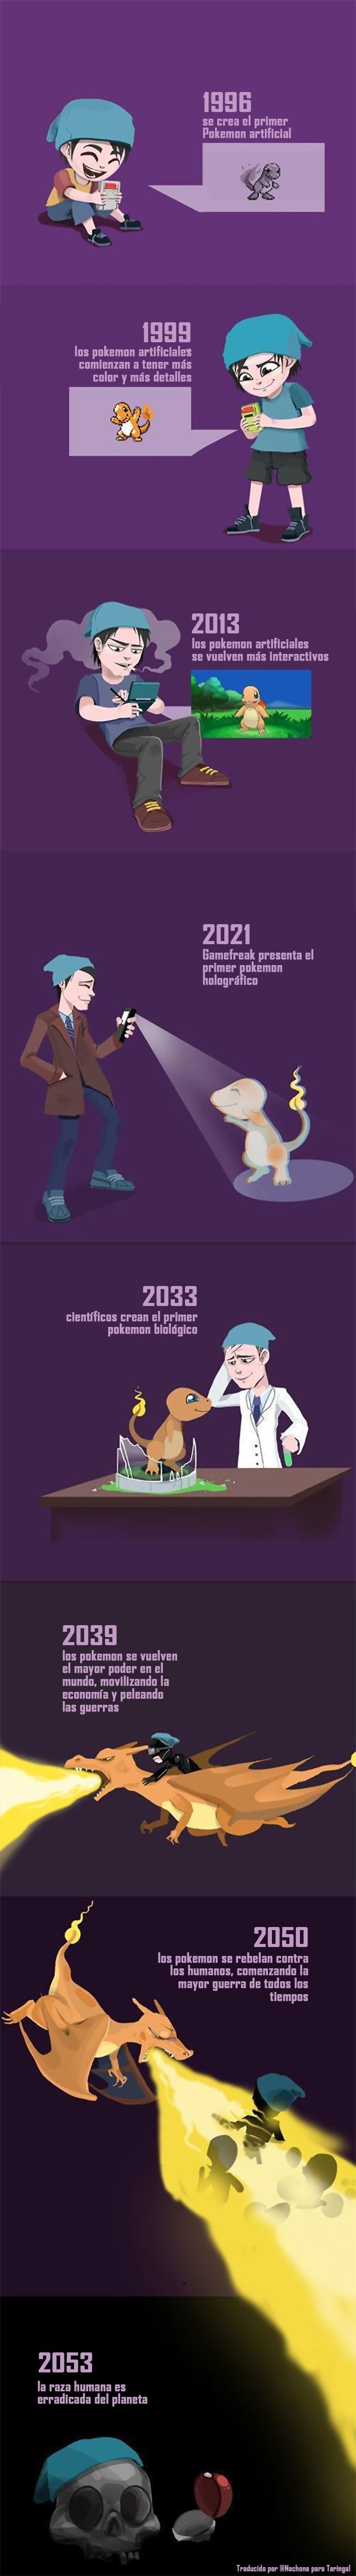 profecia del final de los tiempos segun pokemon